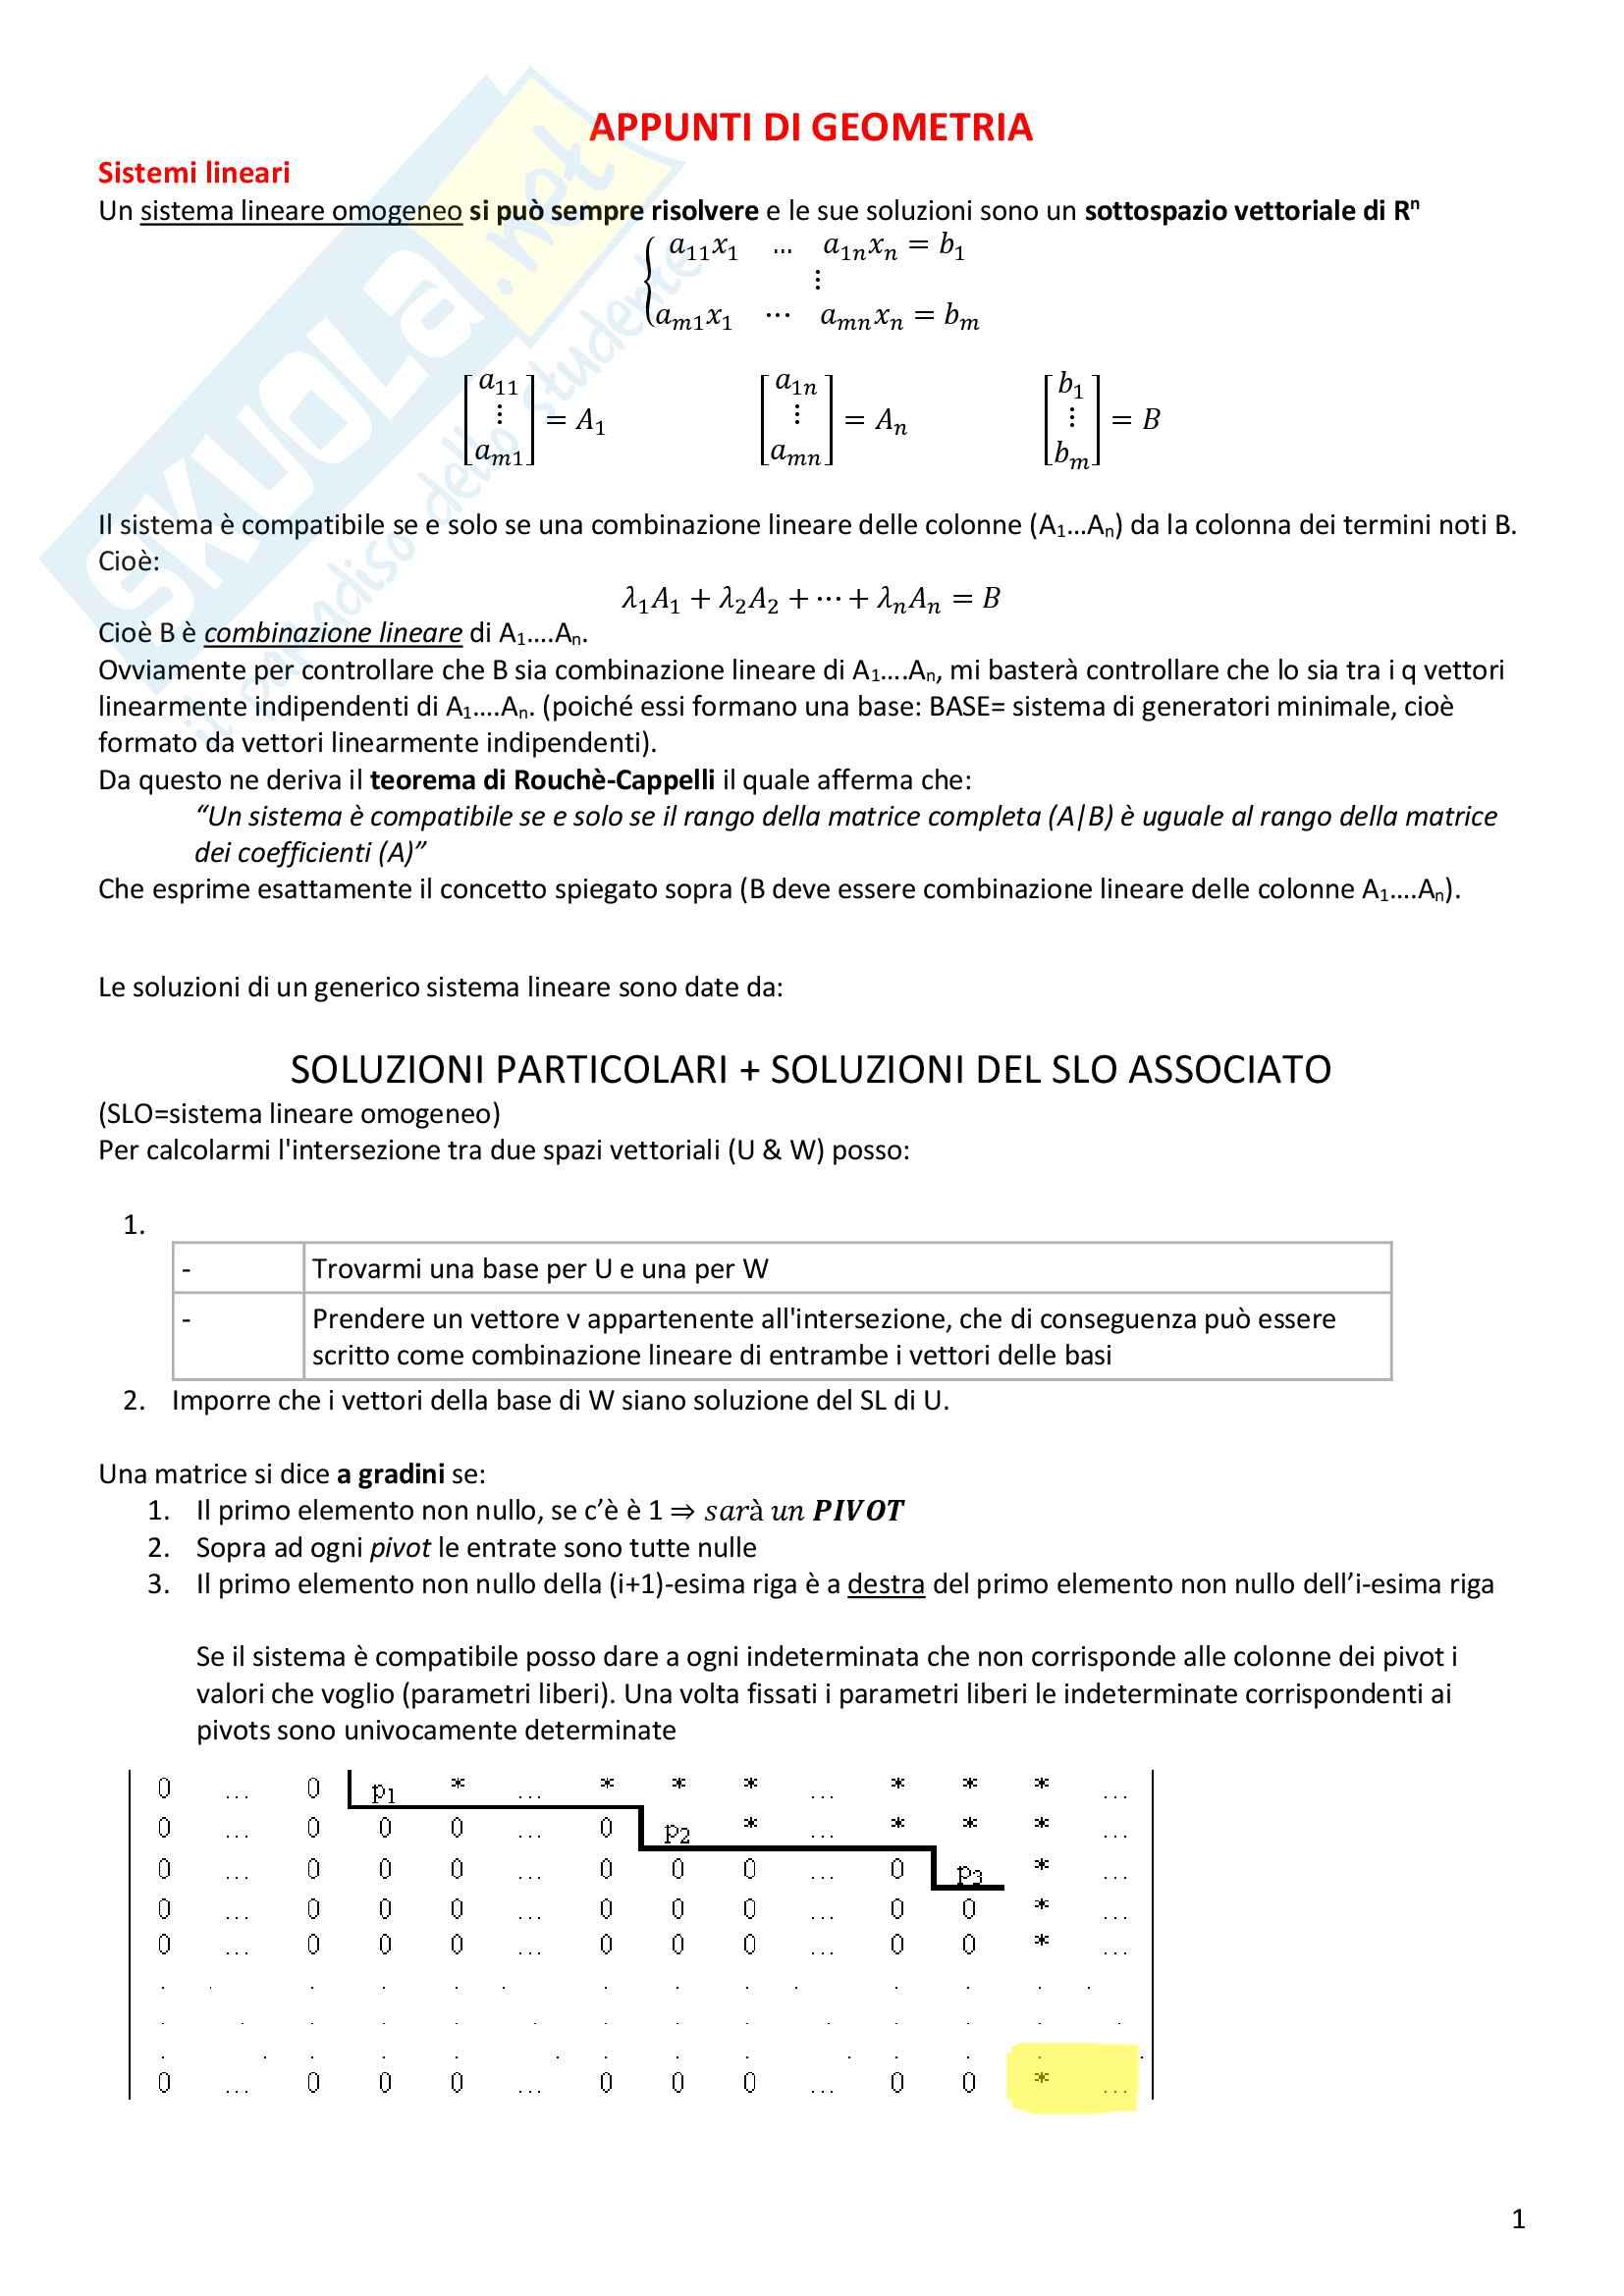 Appunti di Geometria (algebra lineare)